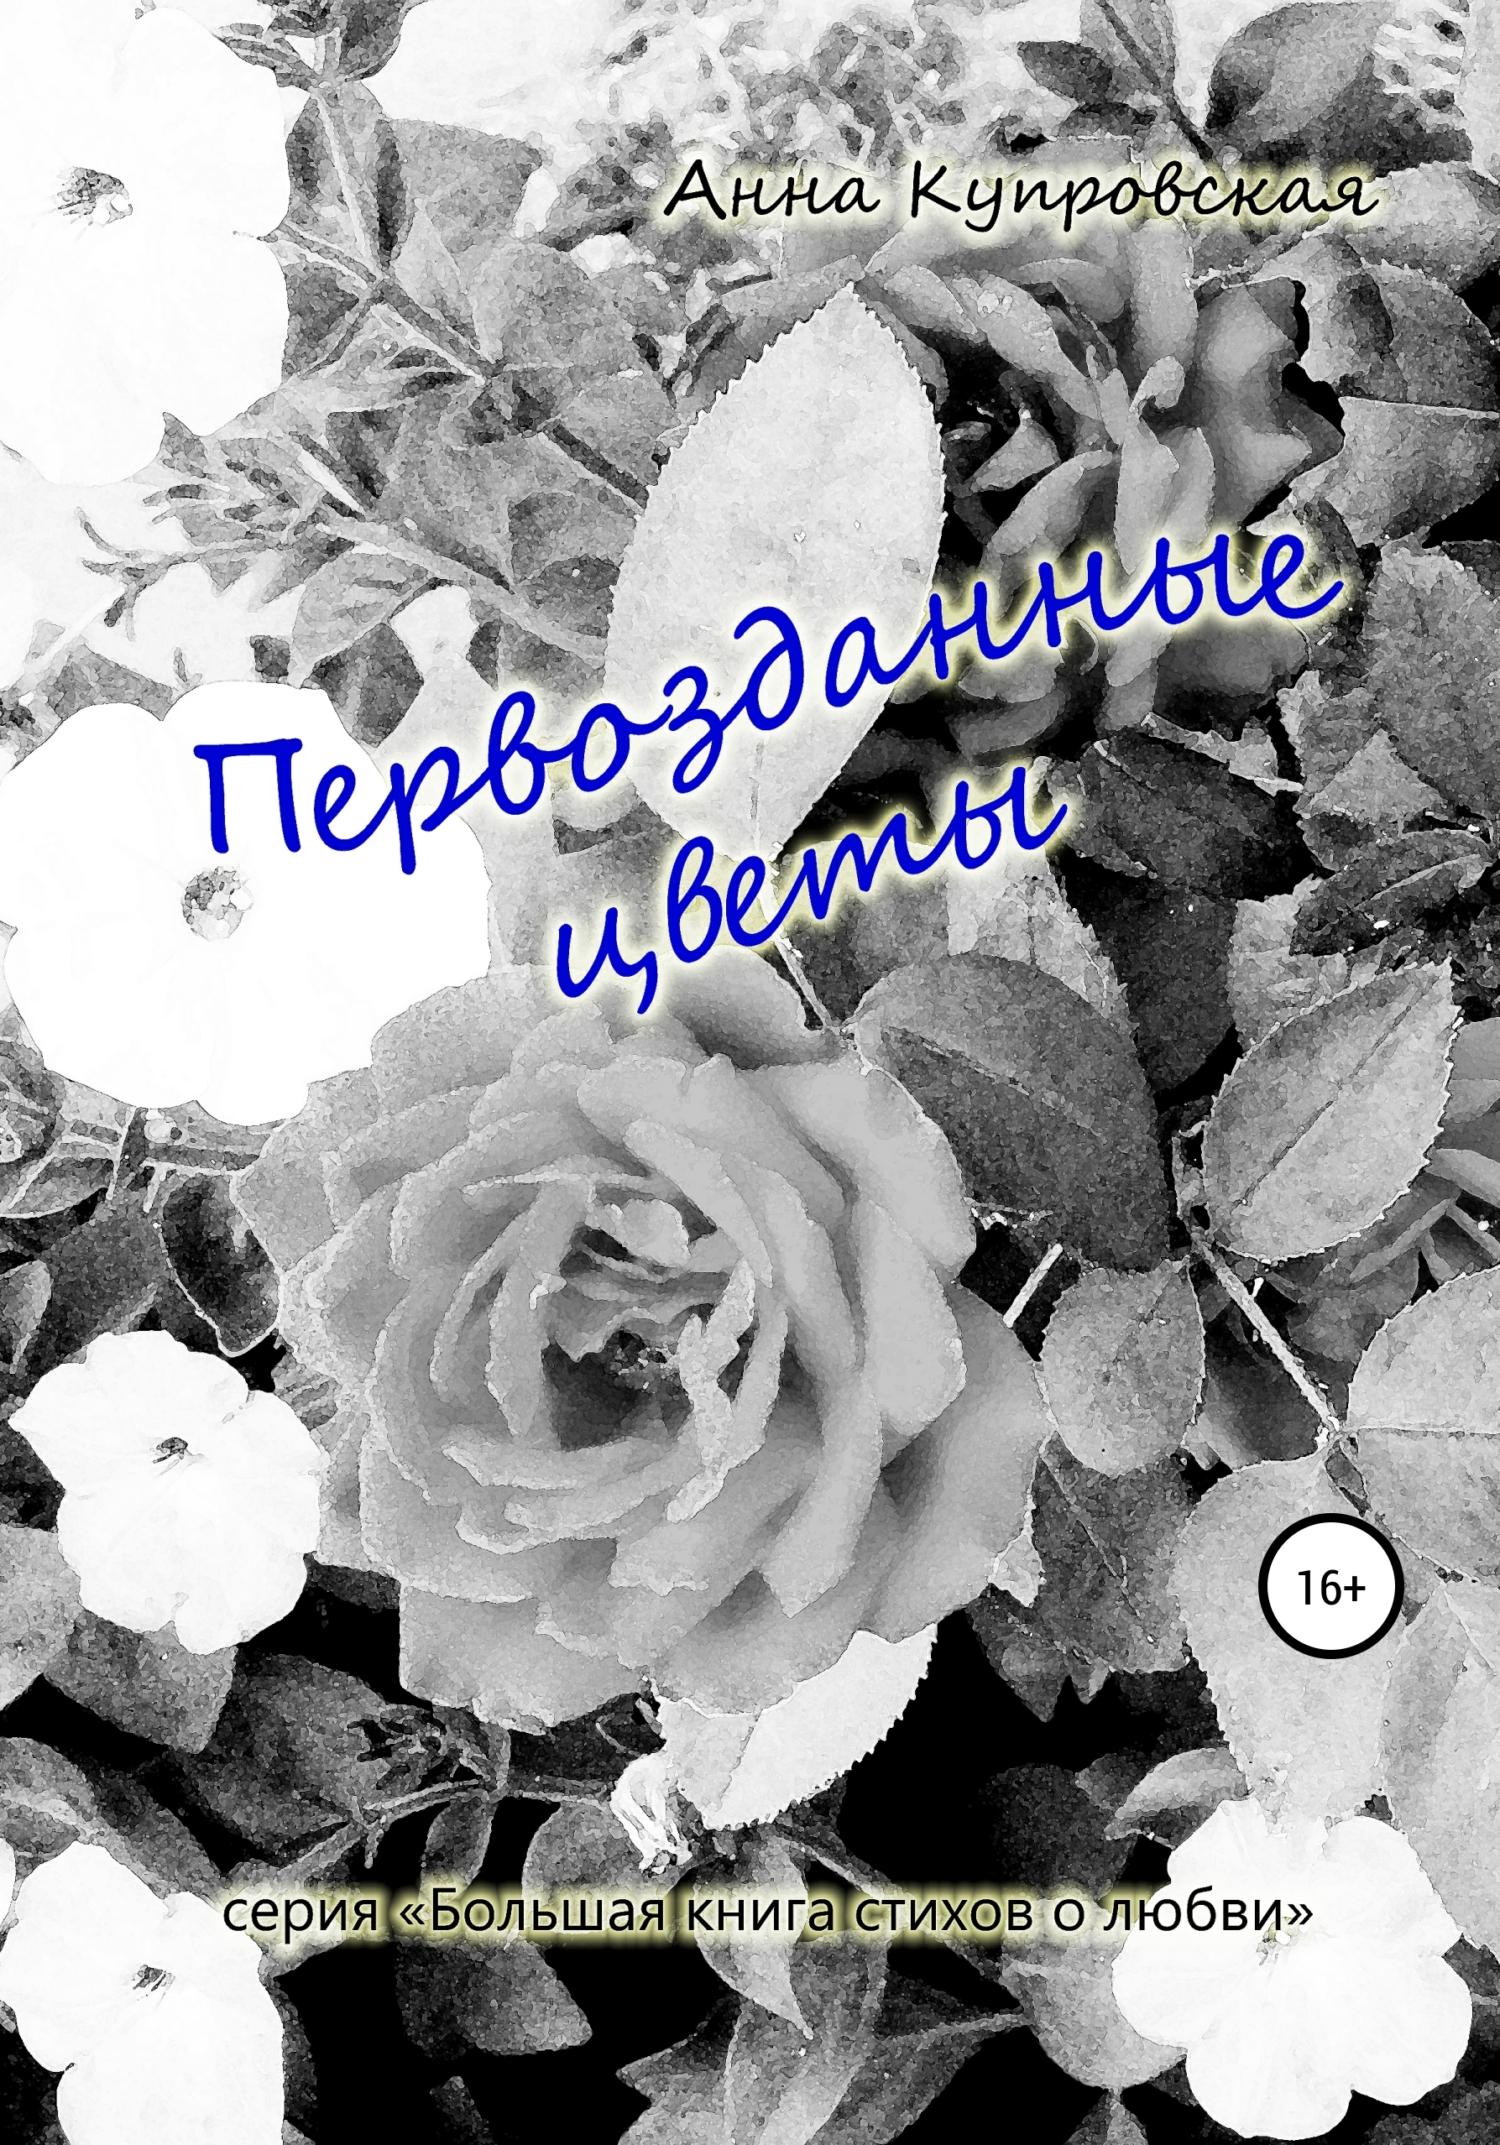 Первозданные цветы. Серия «Большая книга стихов о любви»